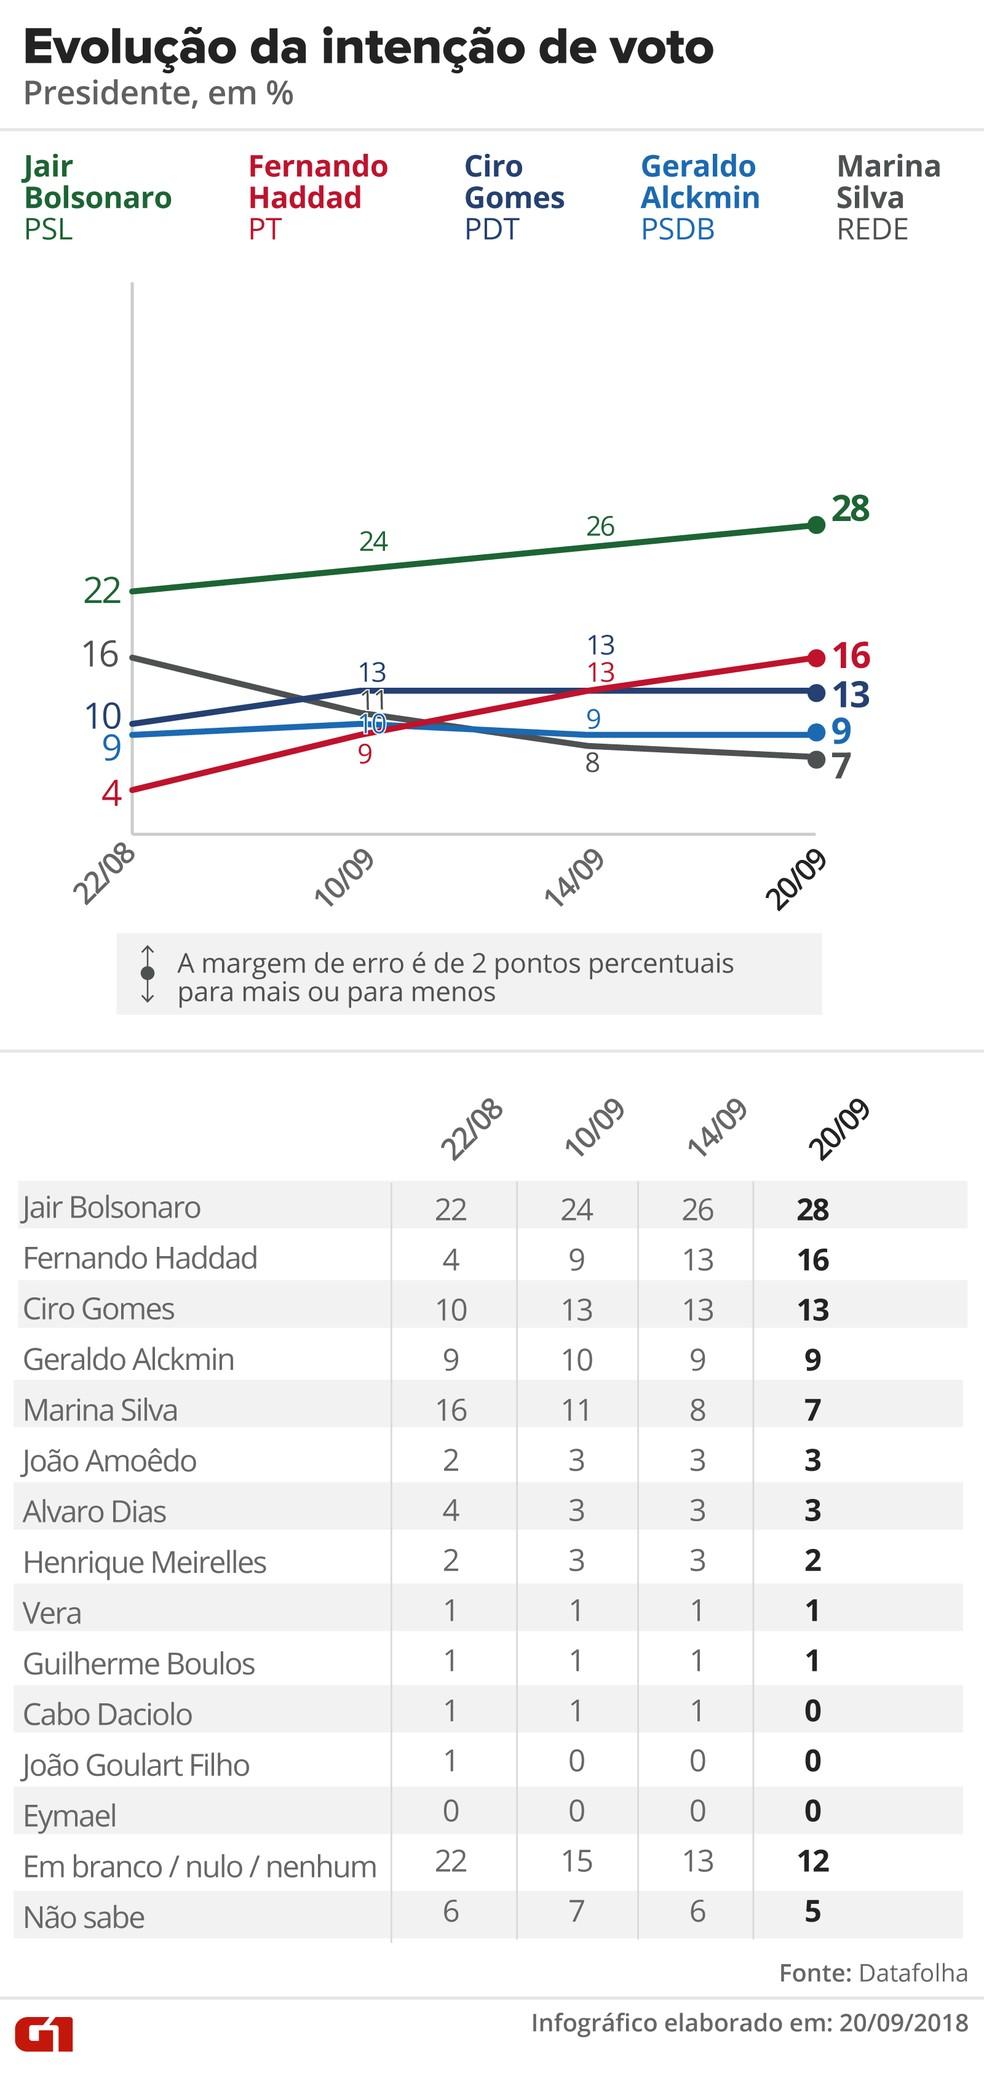 Datafolha - 20 de setembro - evolução da intenção de voto para presidente — Foto: Arte/G1